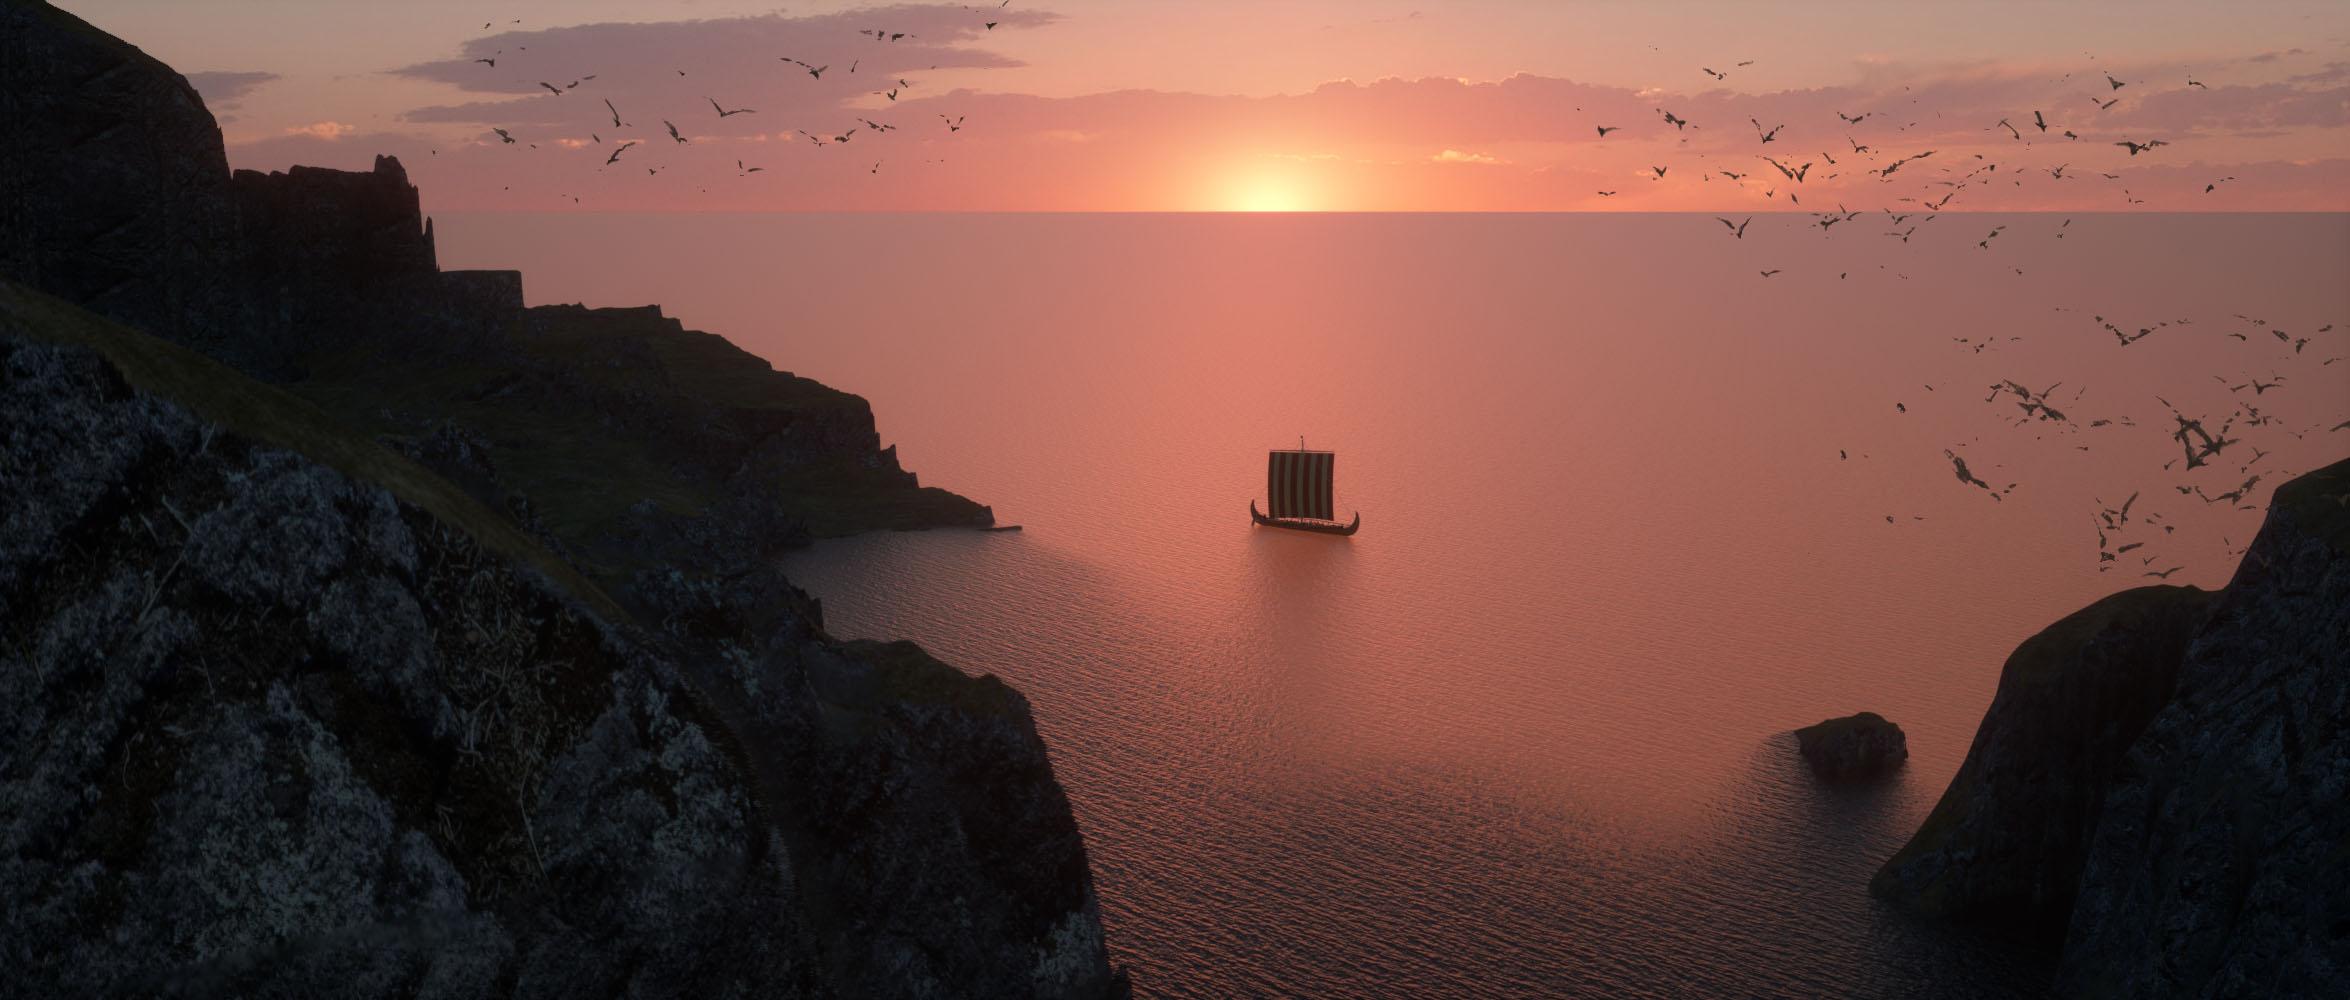 180822 Fjord Dawn1.jpg